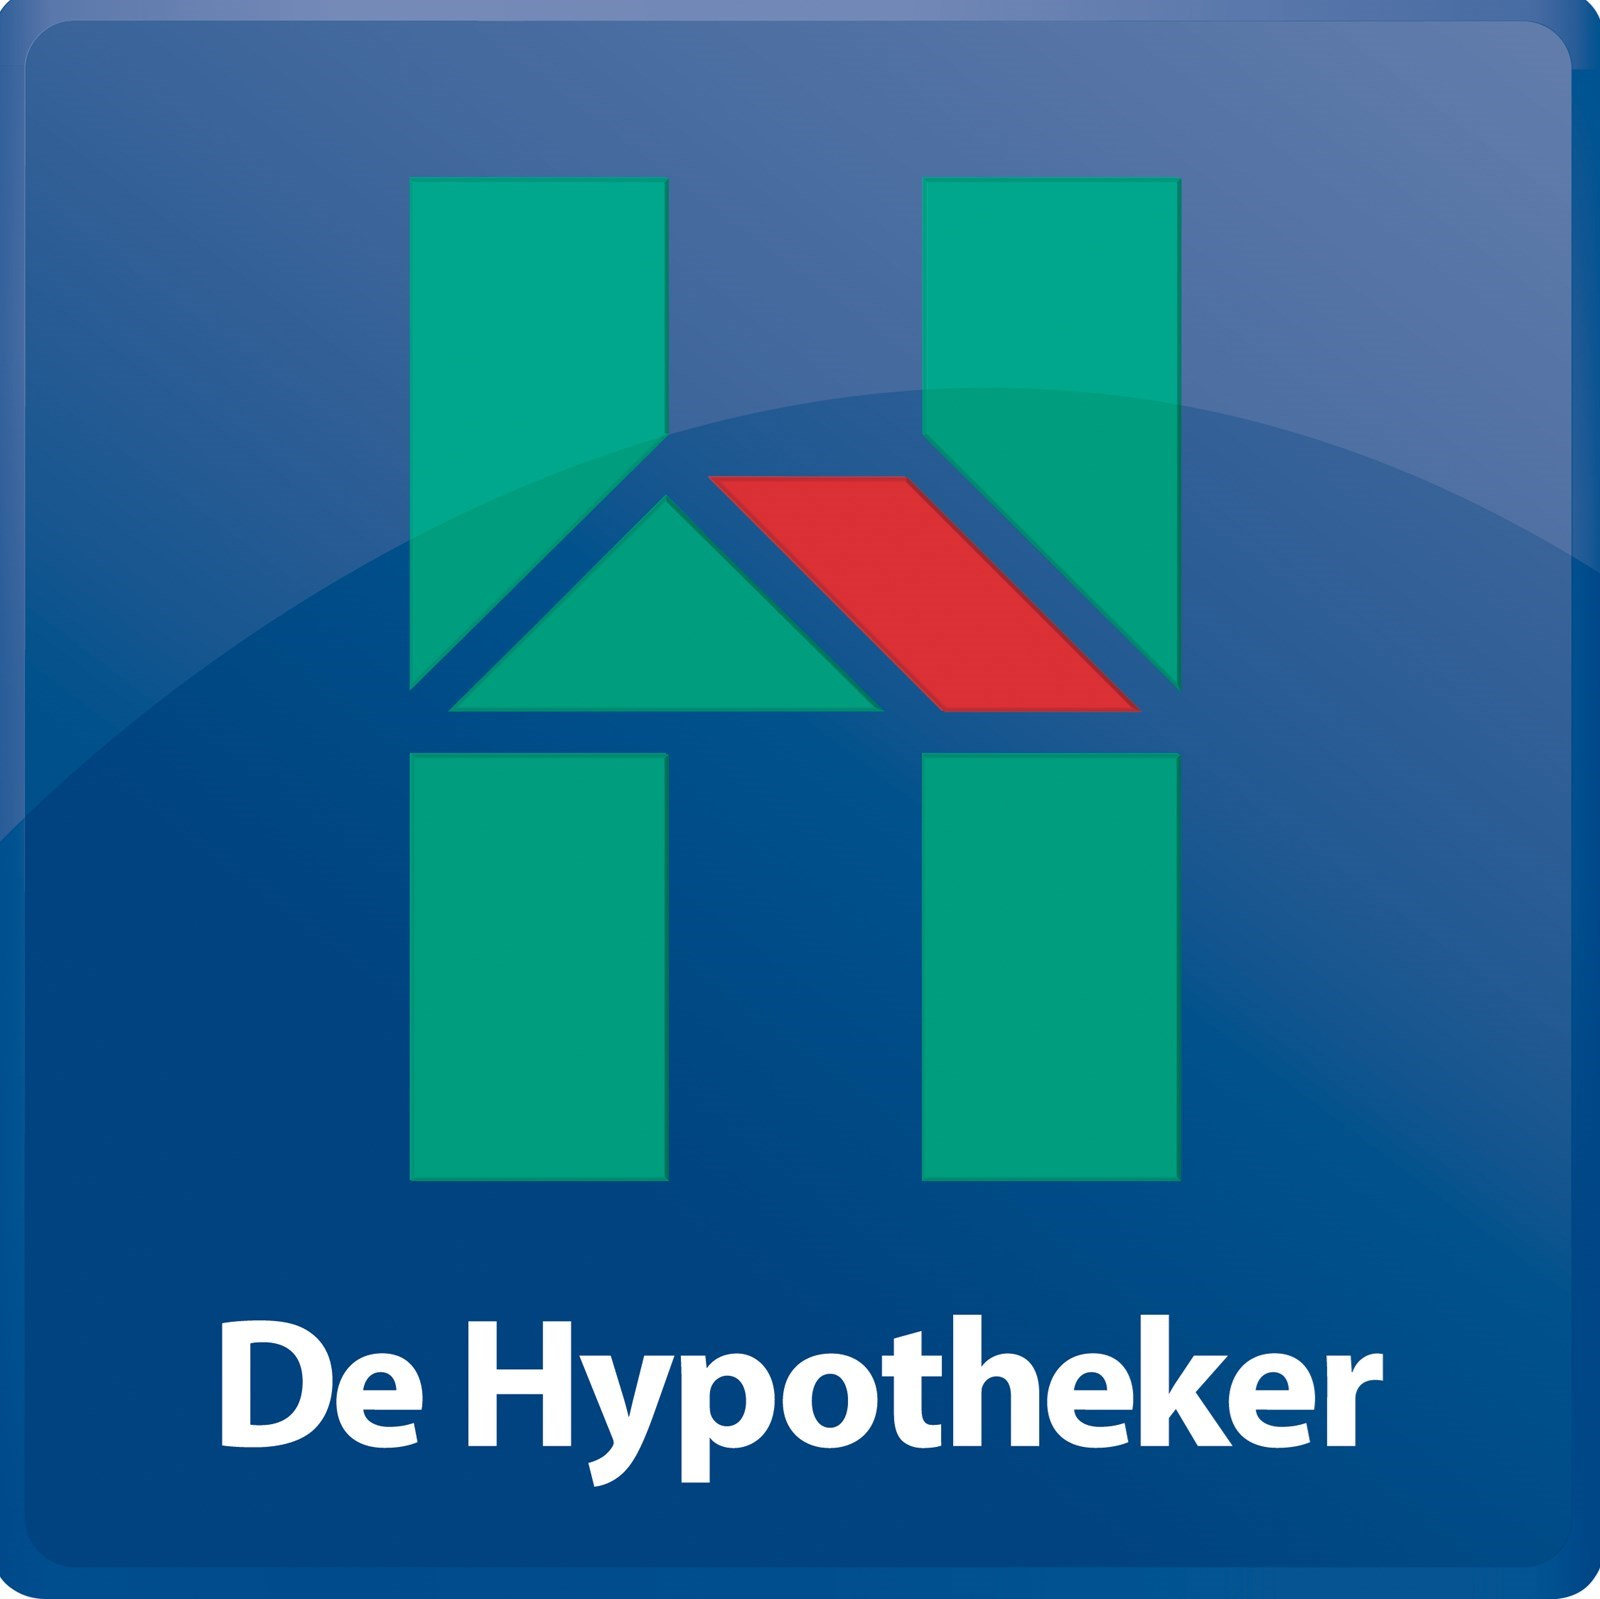 De Hypotheker Hellevoetsluis